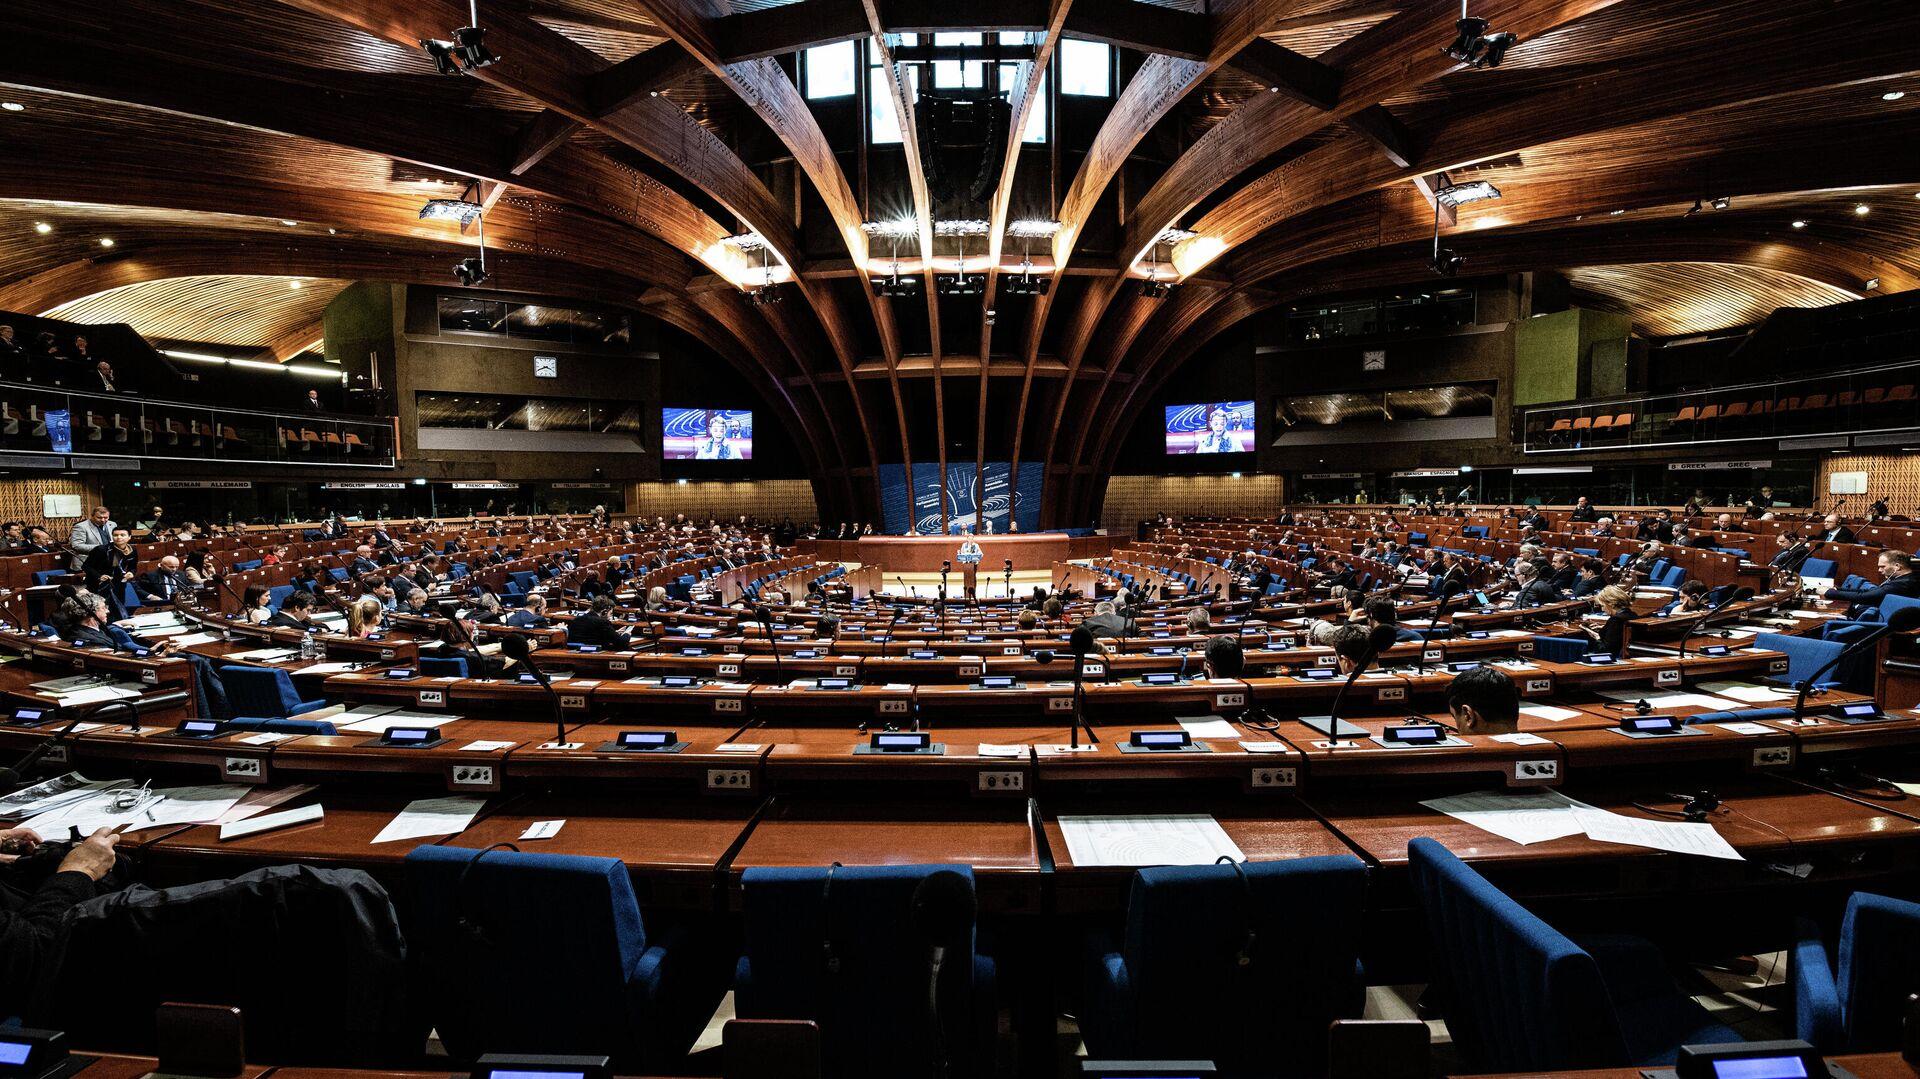 Зал Парламентской ассамблеи Совета Европы - РИА Новости, 1920, 19.01.2021